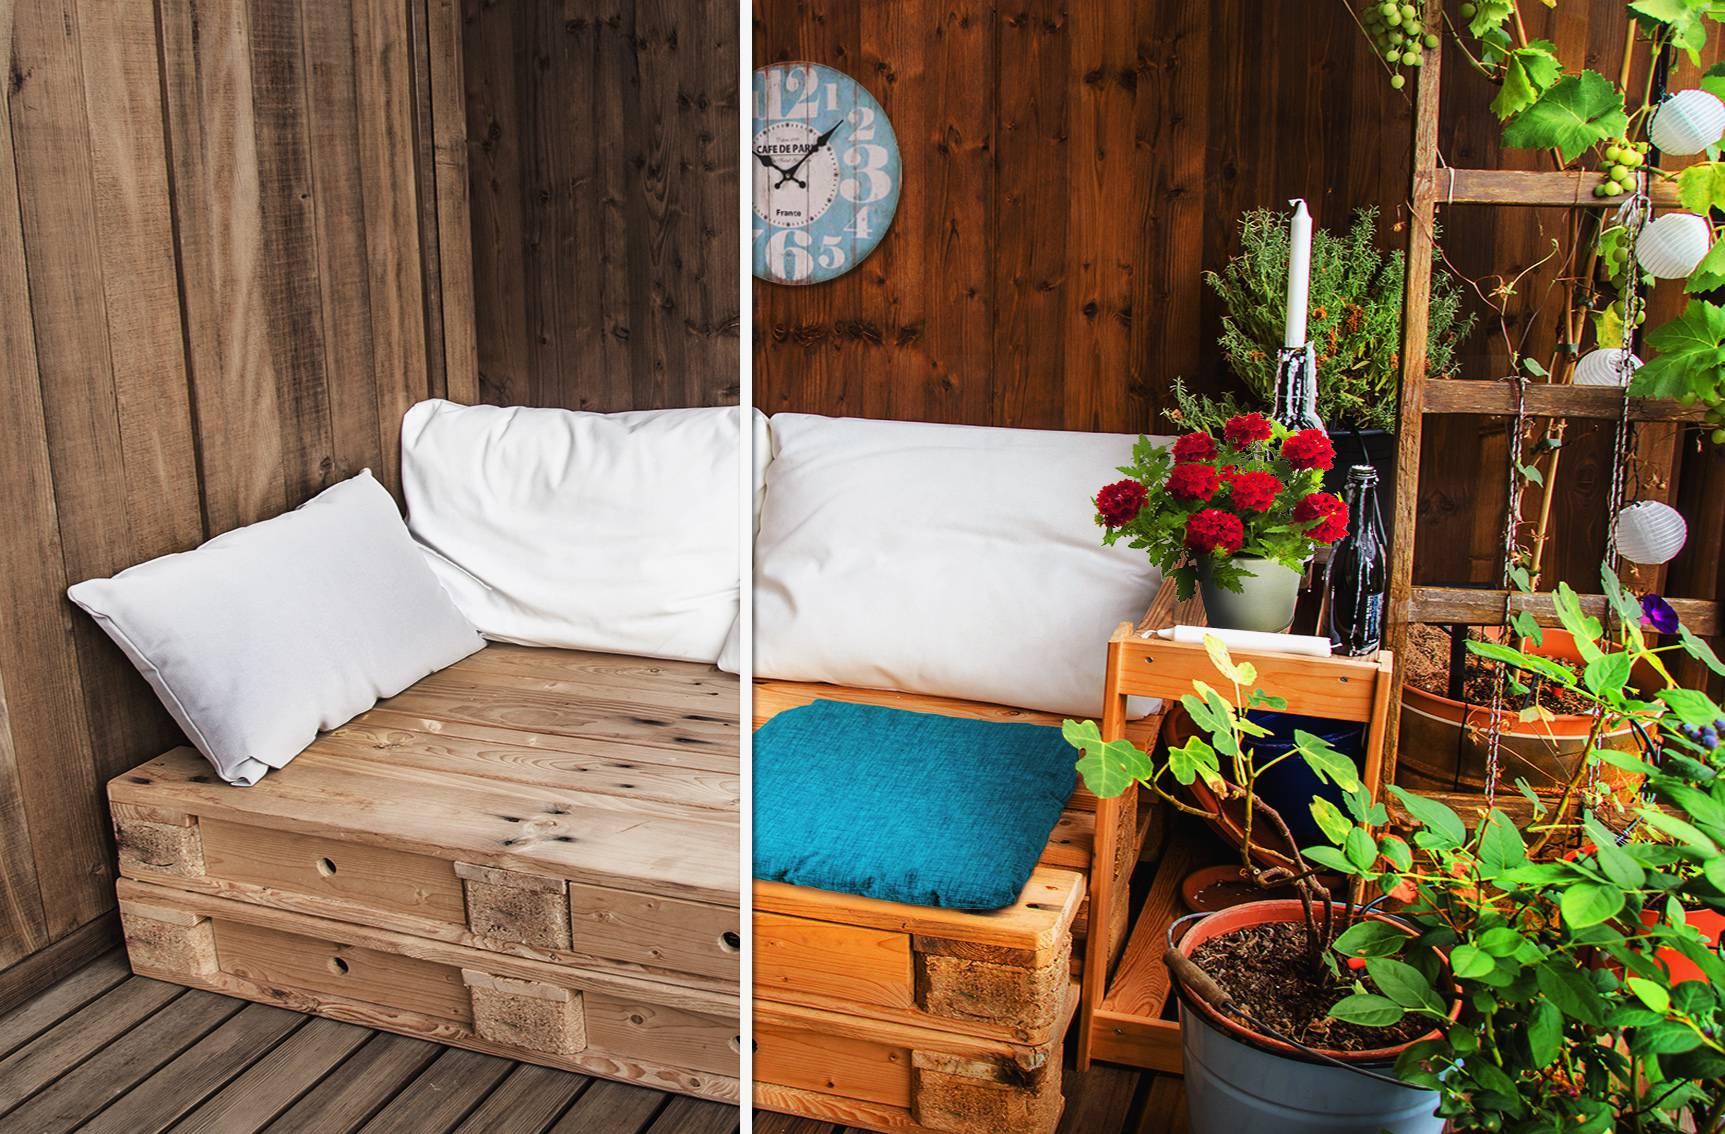 Uređenje balkona i vrta: Zlatna pravila koja morate znati